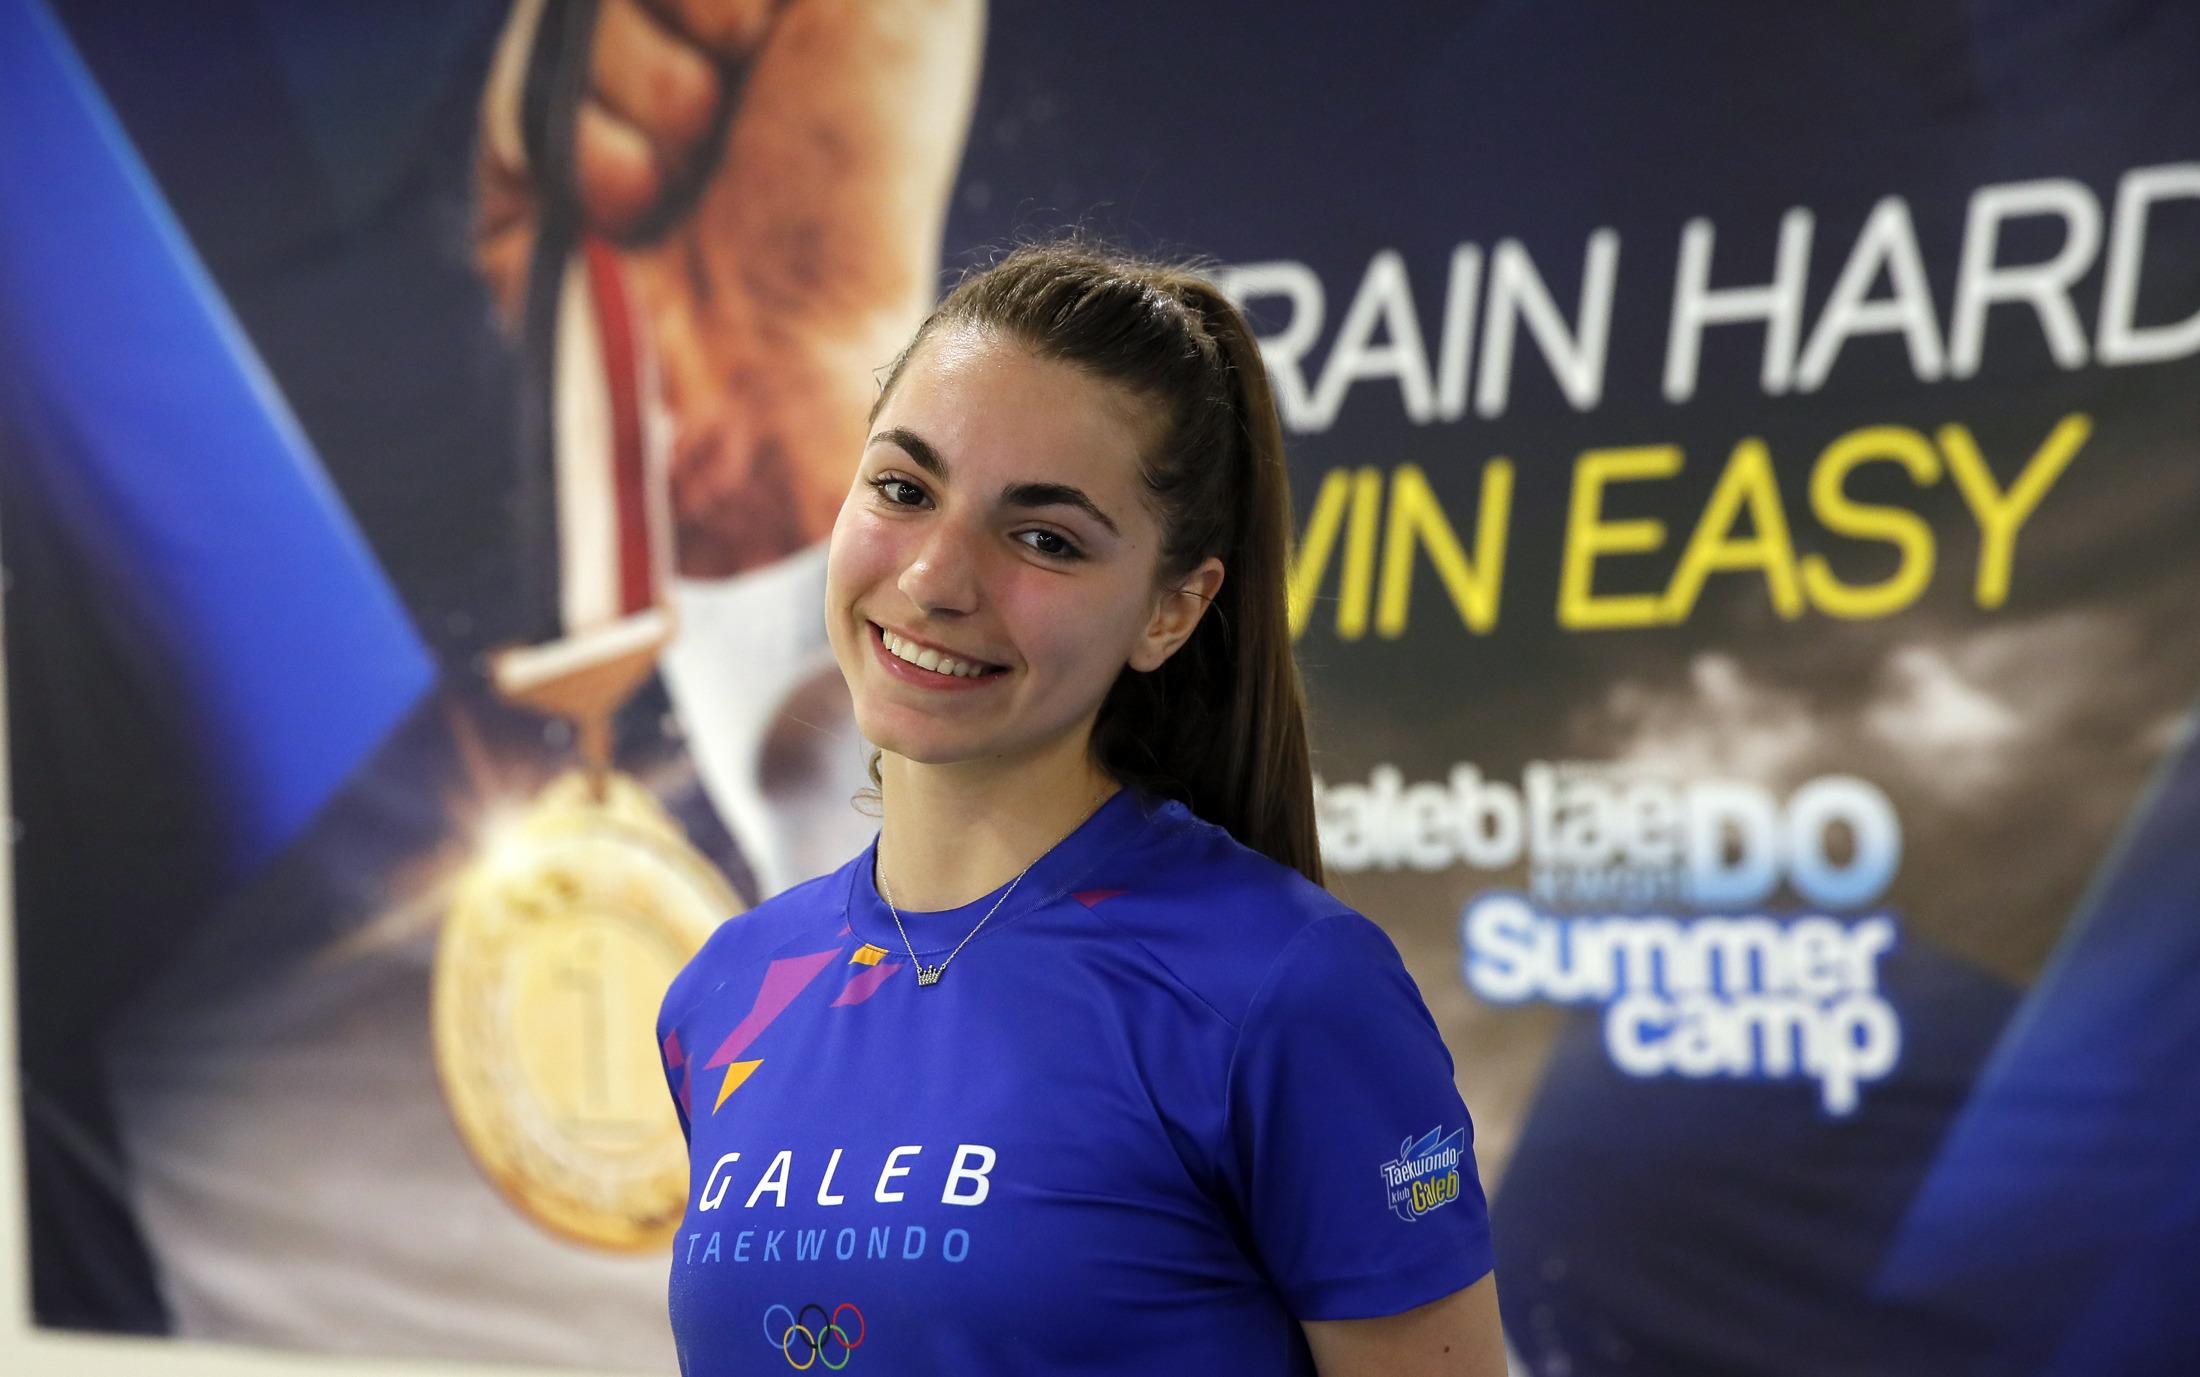 Tara Radulović - Svira klavir, ide u Petnicu, a medalje u tekvodnu je tek čekaju